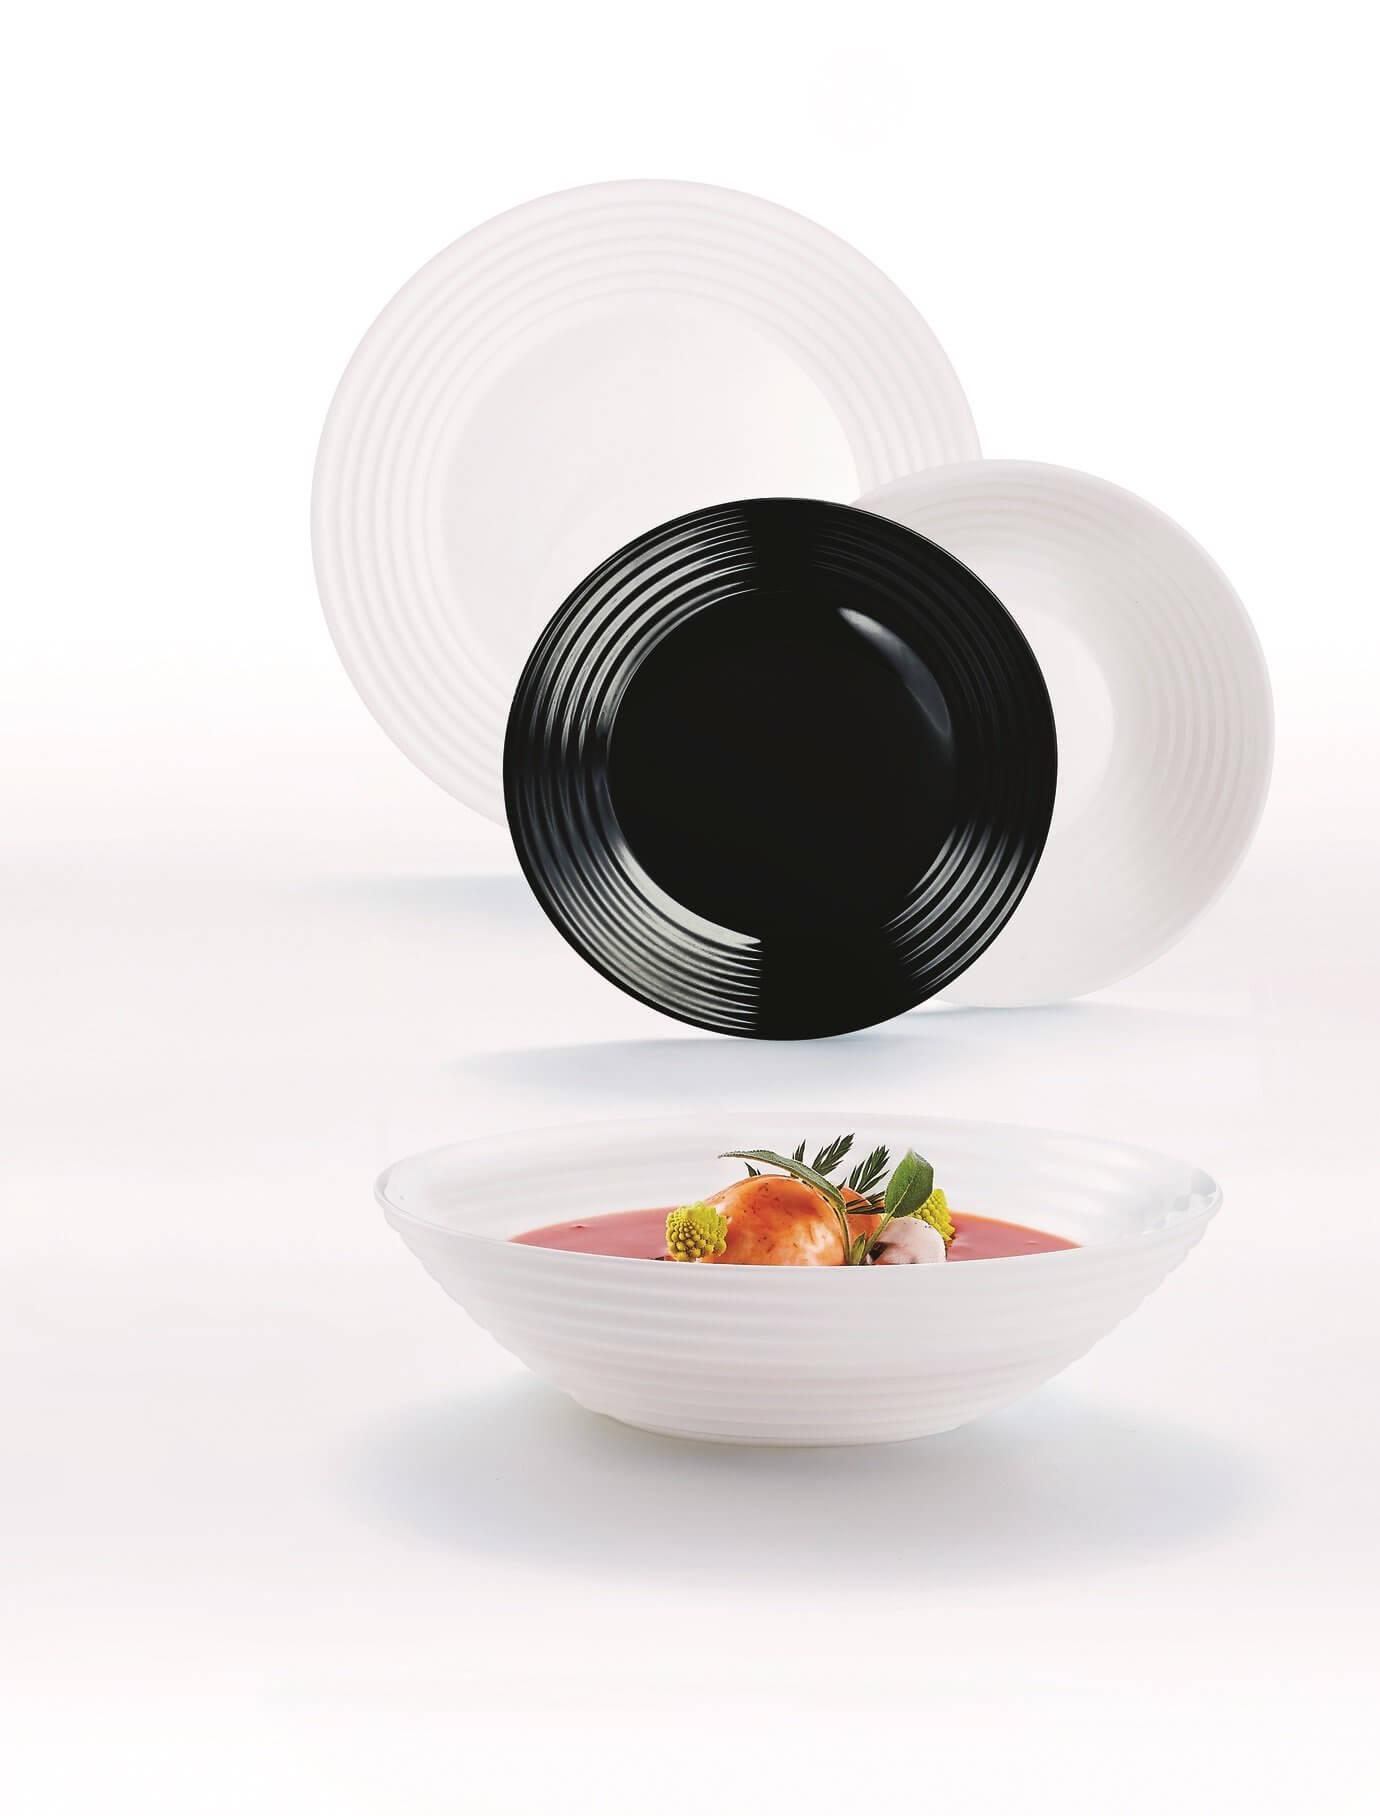 Komplet obiadowy 18 elementowy biało-czarny HARENA